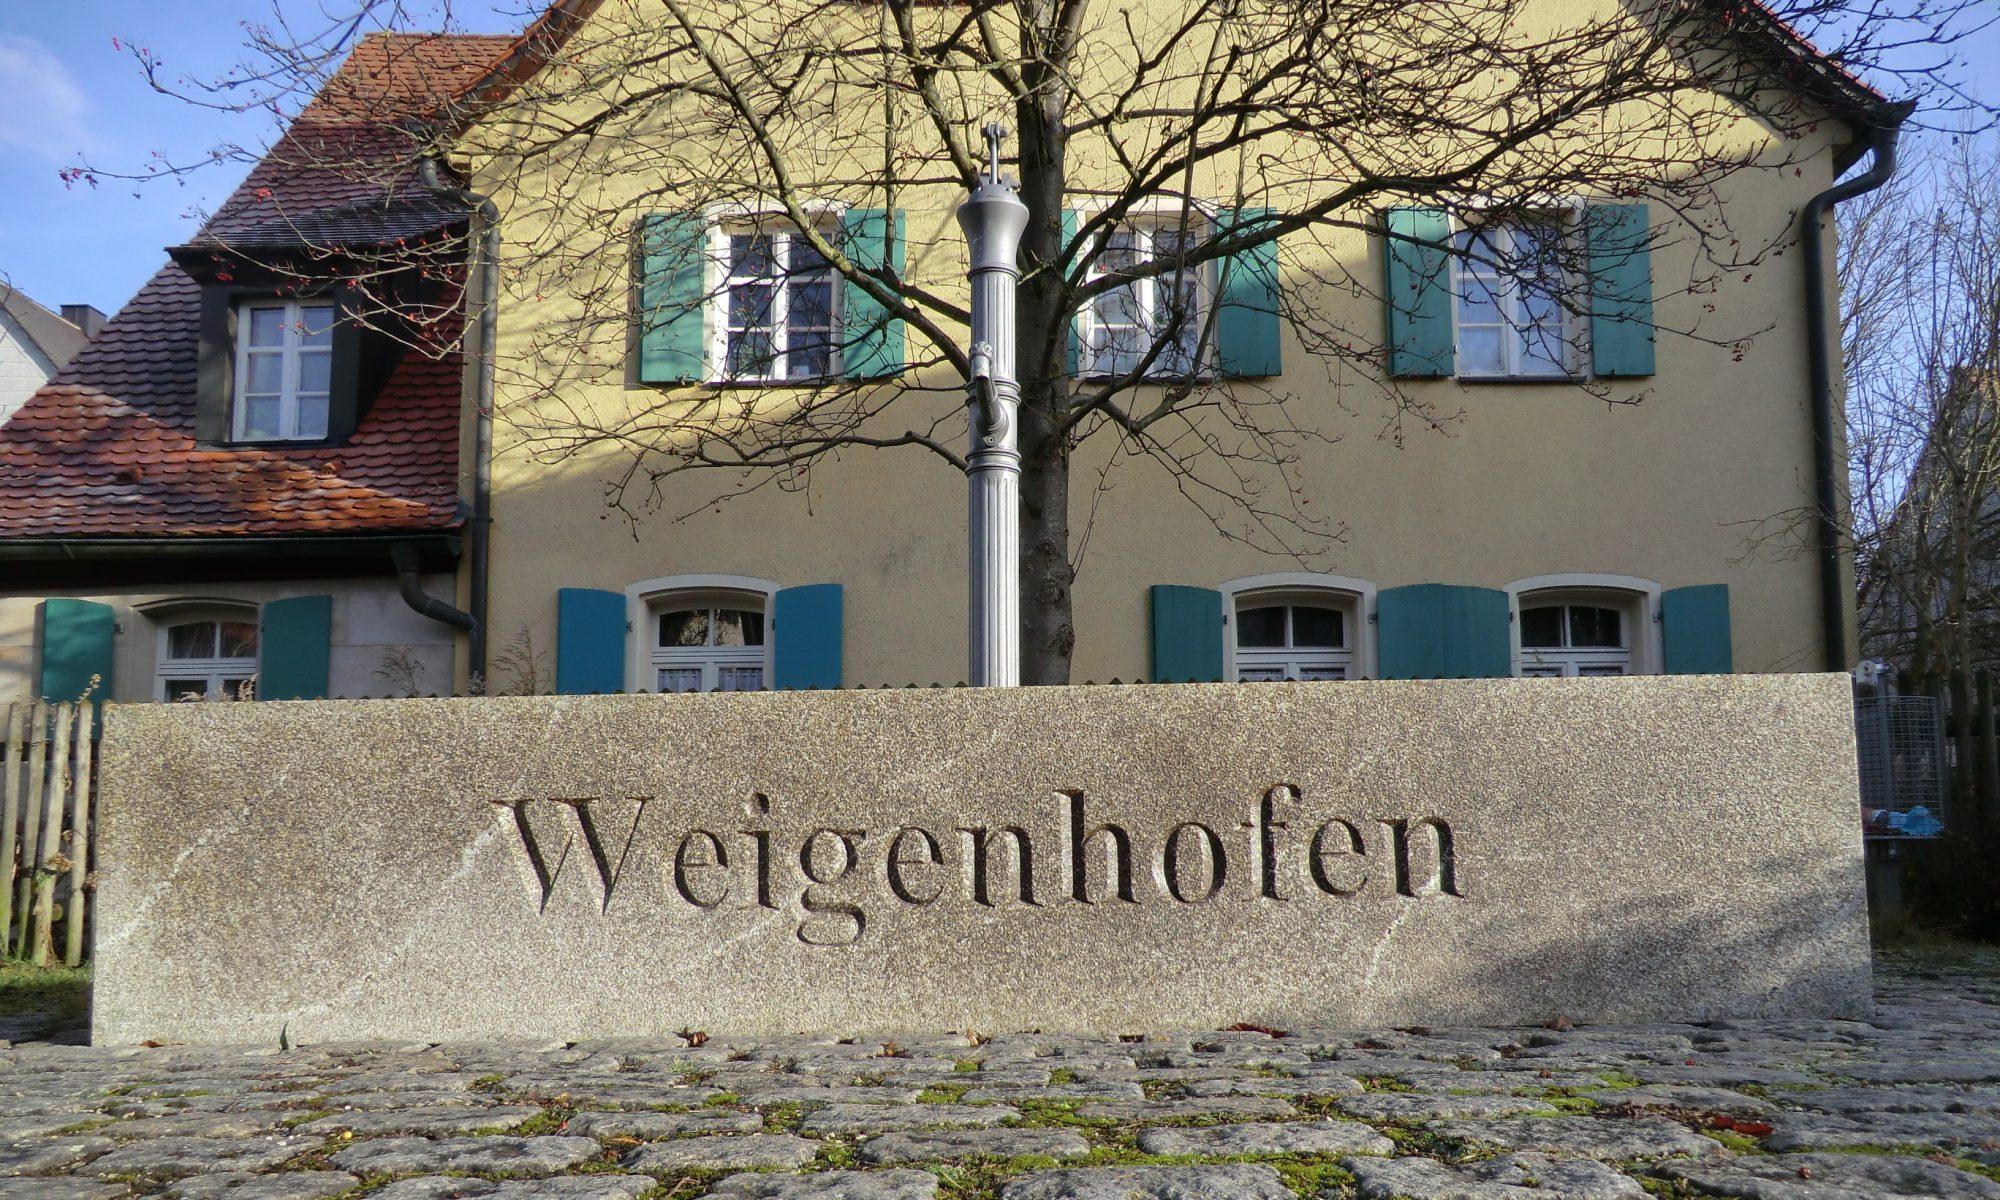 Weigenhofen